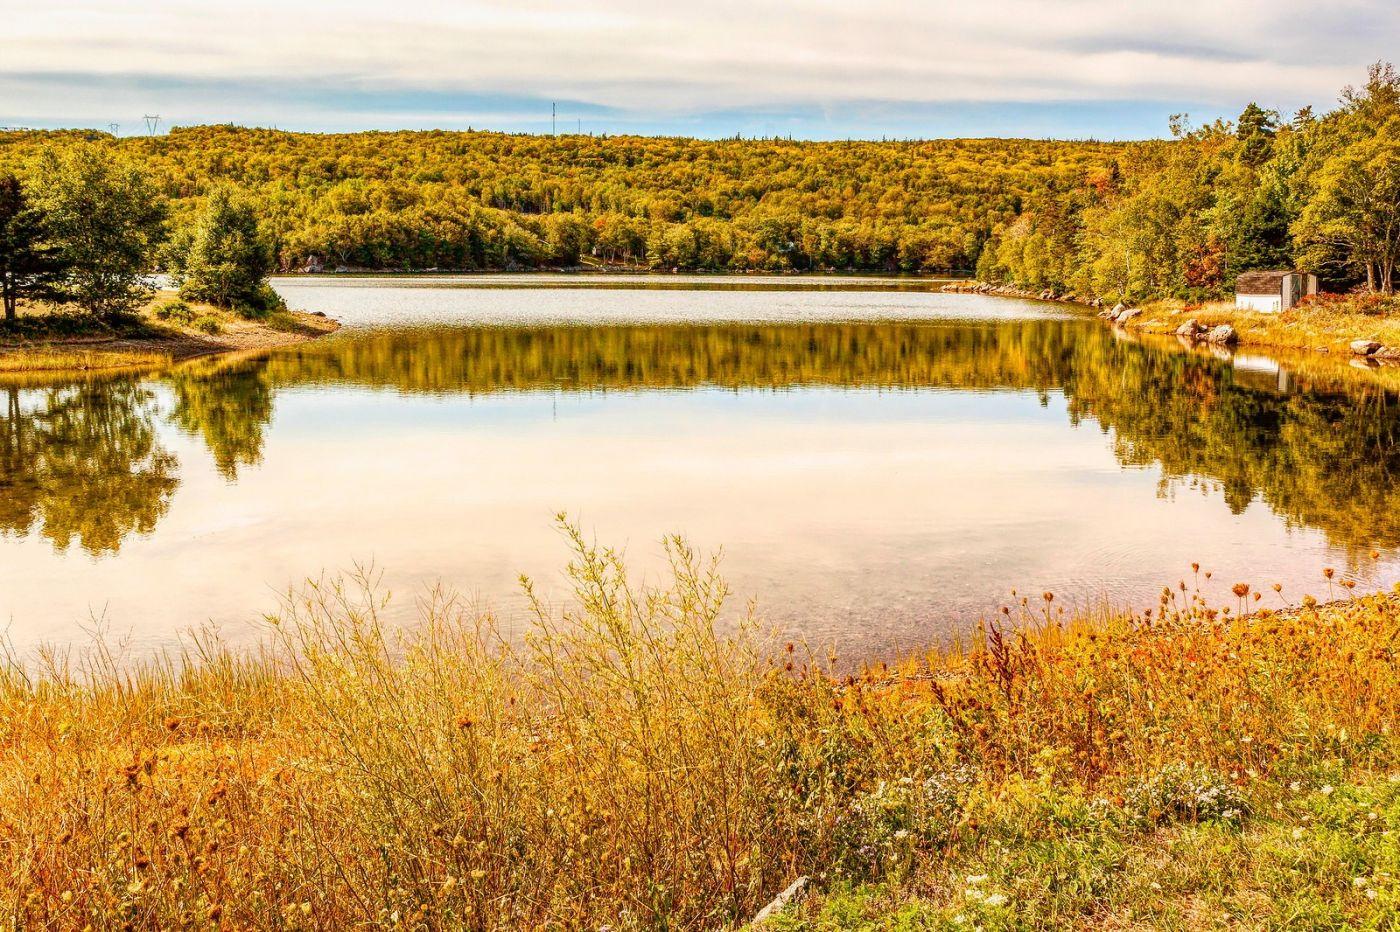 加拿大路途,水边抓拍_图1-5